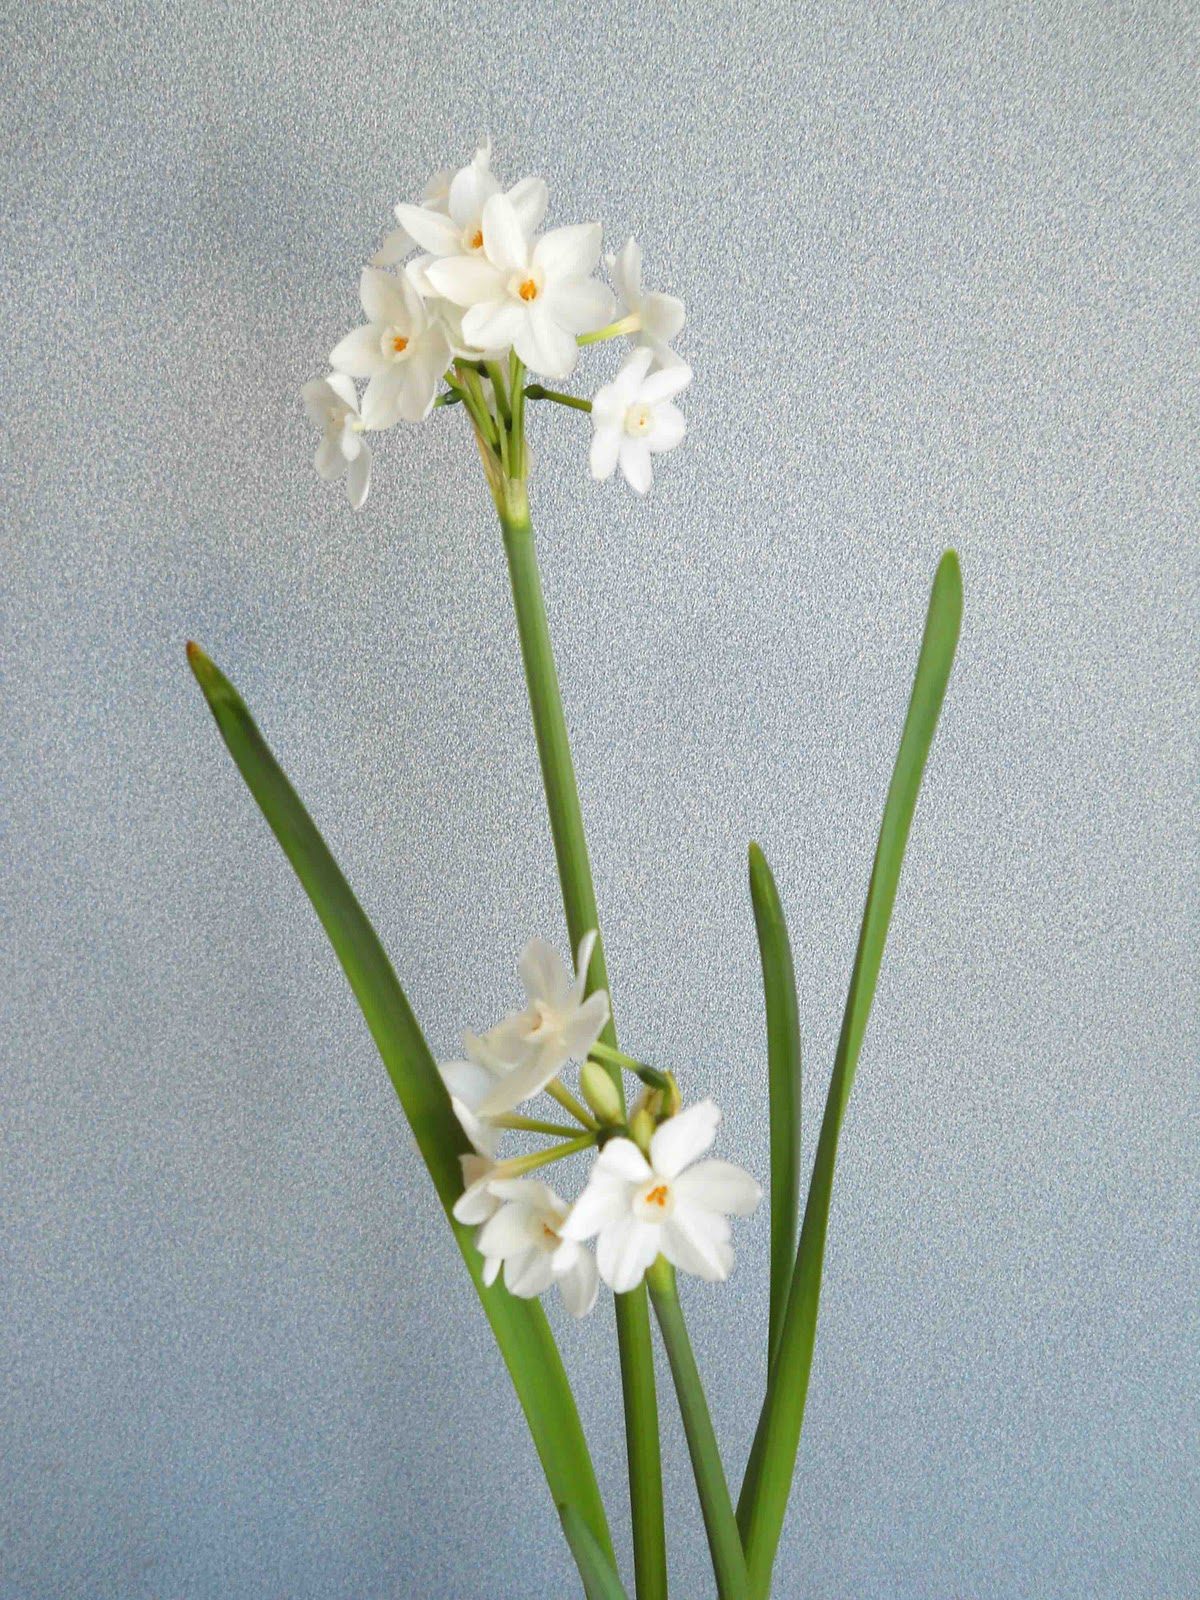 Gonna Stuff A Chicken Eau De Paper White Narcissus